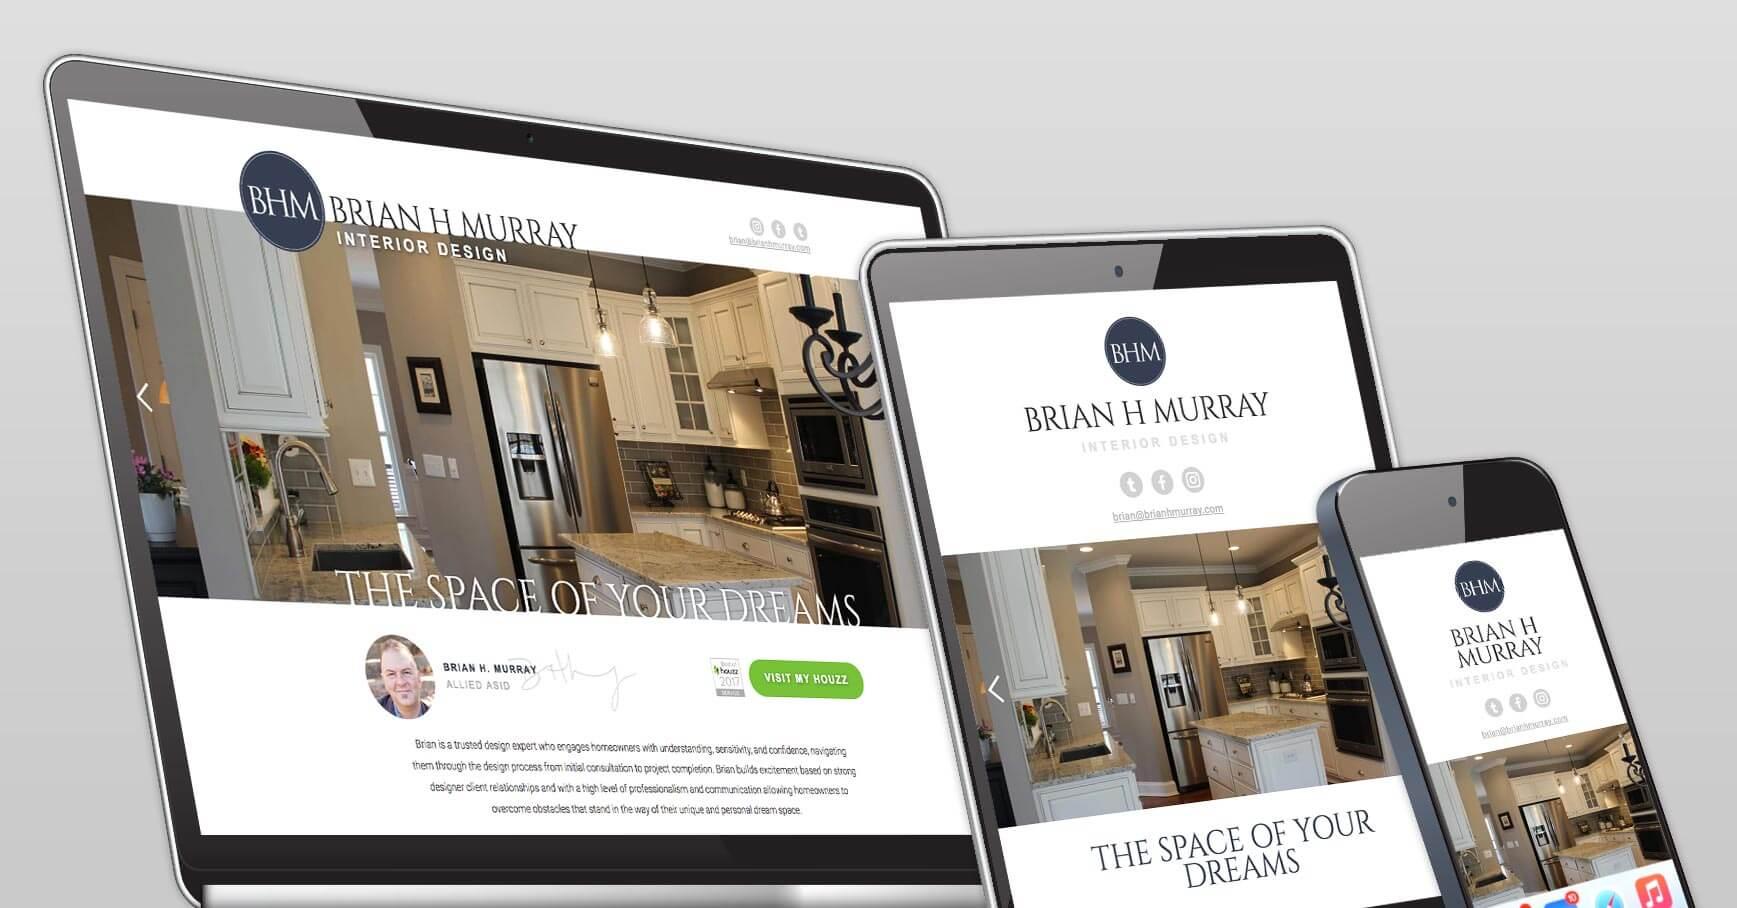 Brian H Murray Web Design Freelance Website Design Webflow Expert